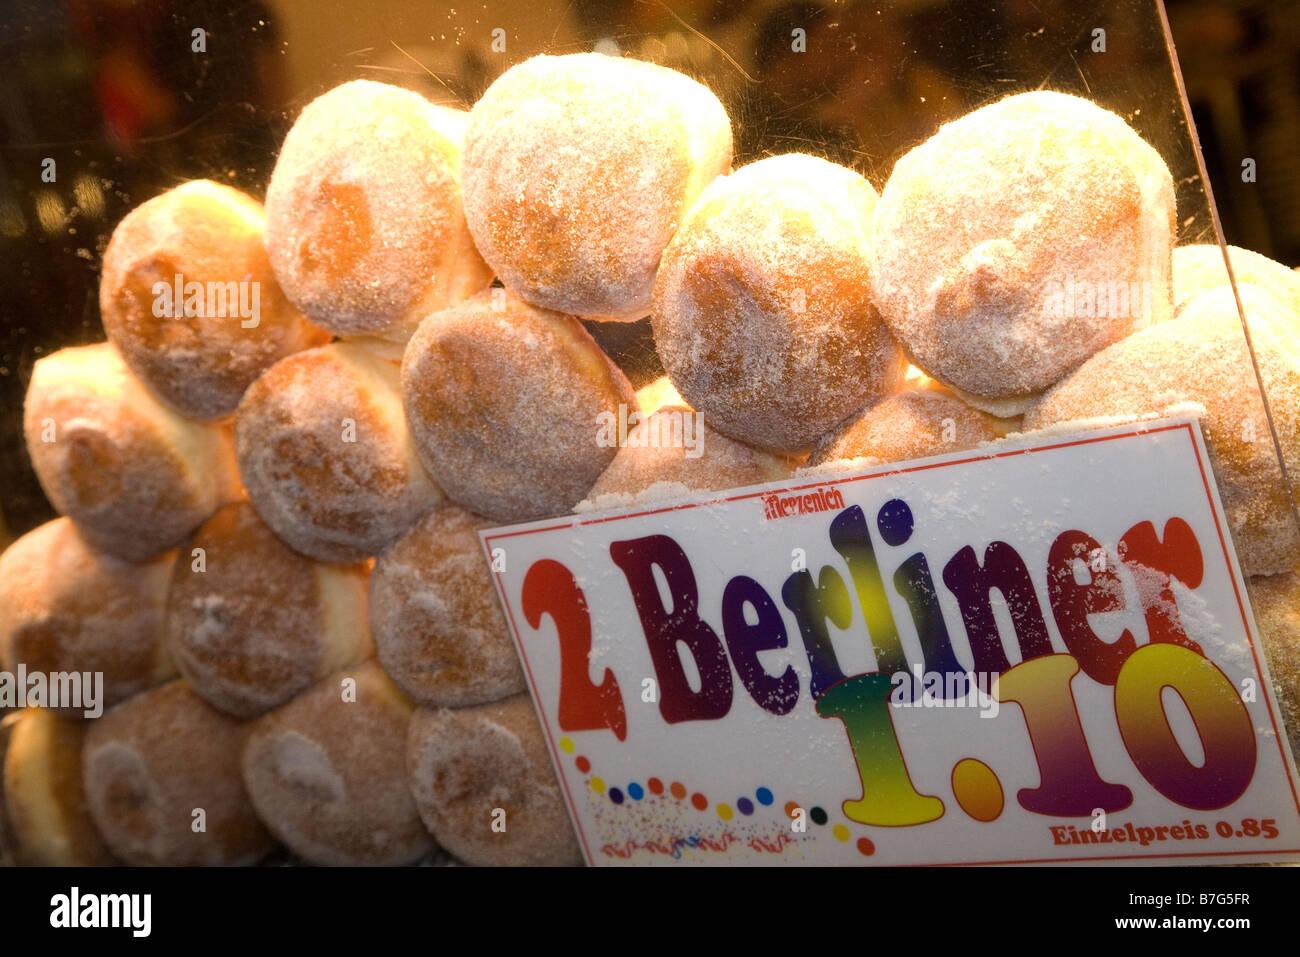 Berliner sind traditionell zur Feier am Vorabend des neuen Jahres (Silvester) sowie die Faschingsferien gegessen. Stockbild